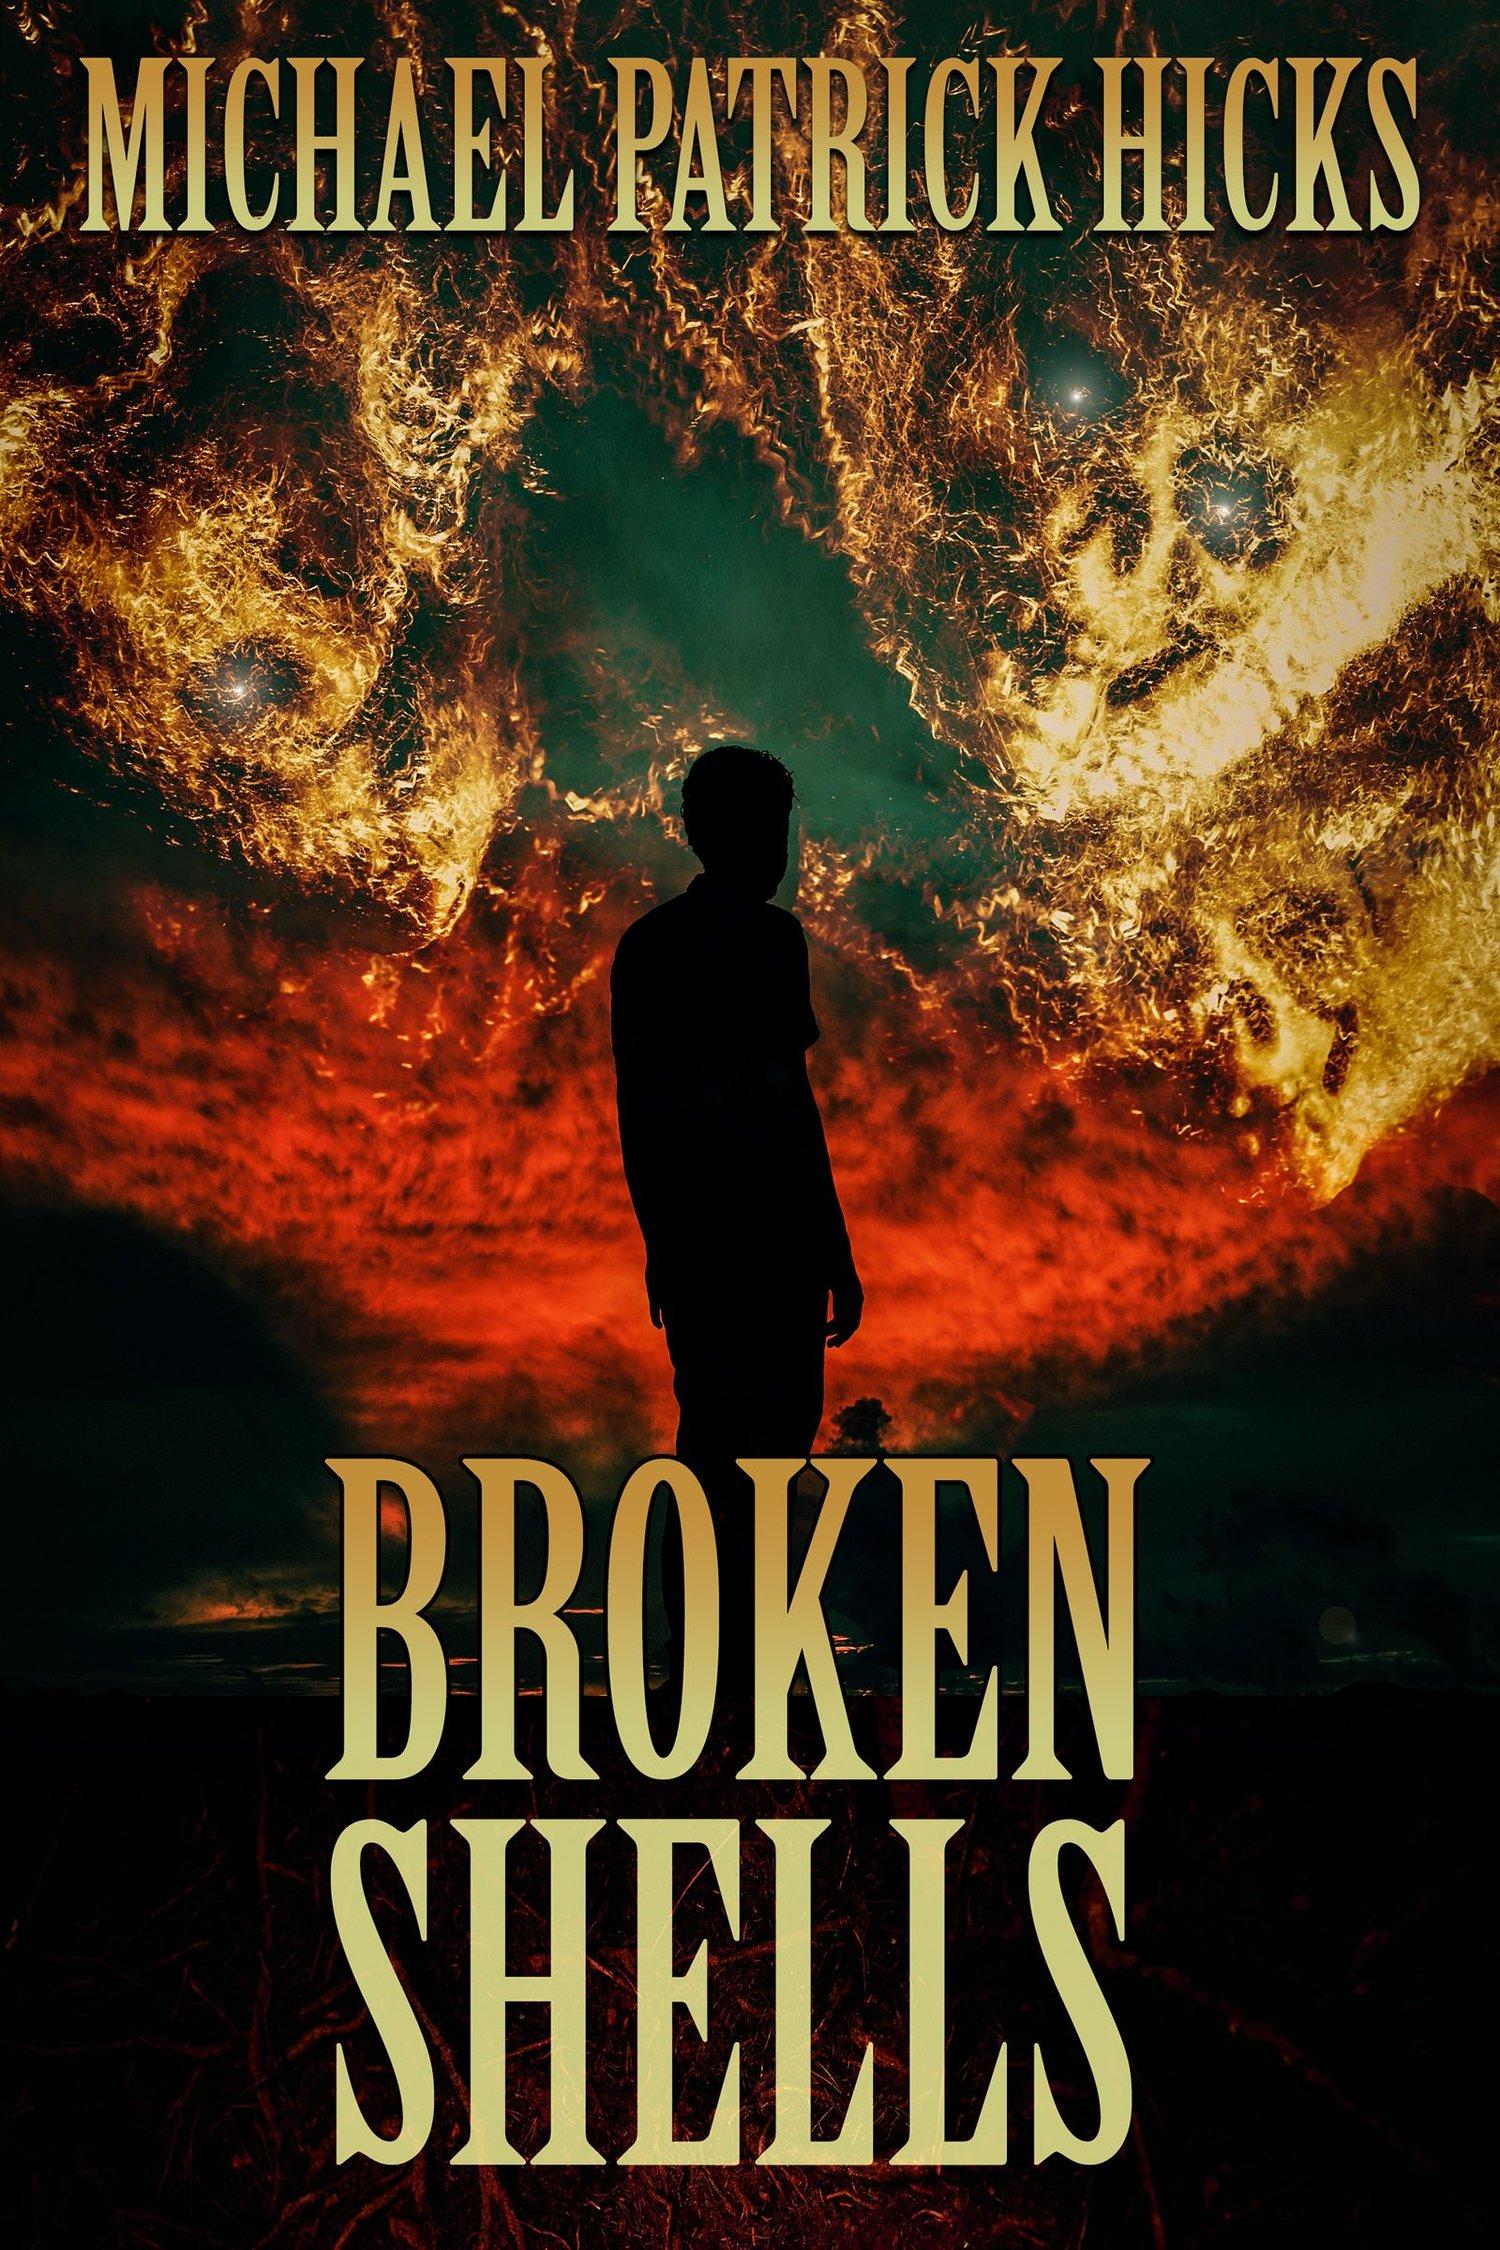 broken+shells+michael+patrick+hicks.jpg